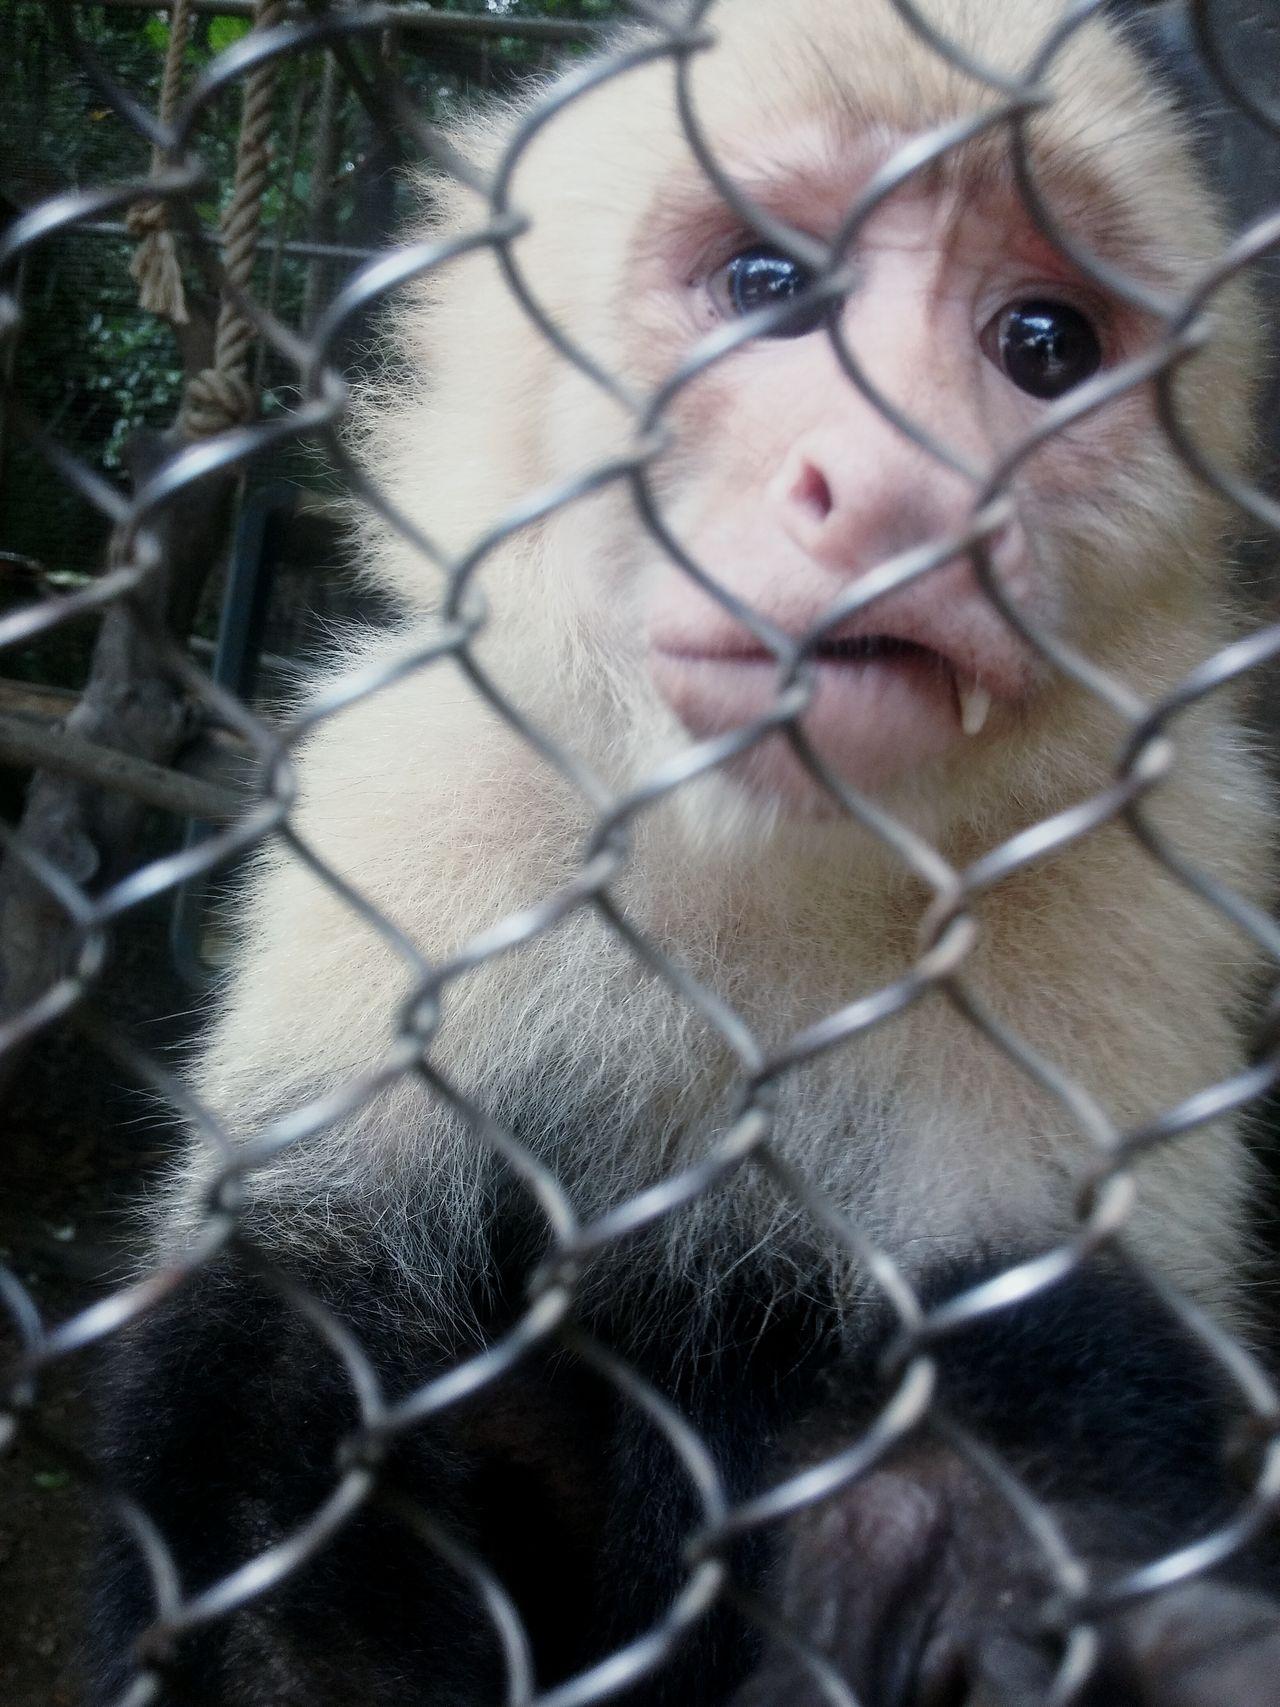 Depressing Caged Monkey Antizoo Exotic Animals Caged AnimalsDepressed Monkey Anti Animal Abuse Monkey Zoos Animals Animals In Captivity Sad